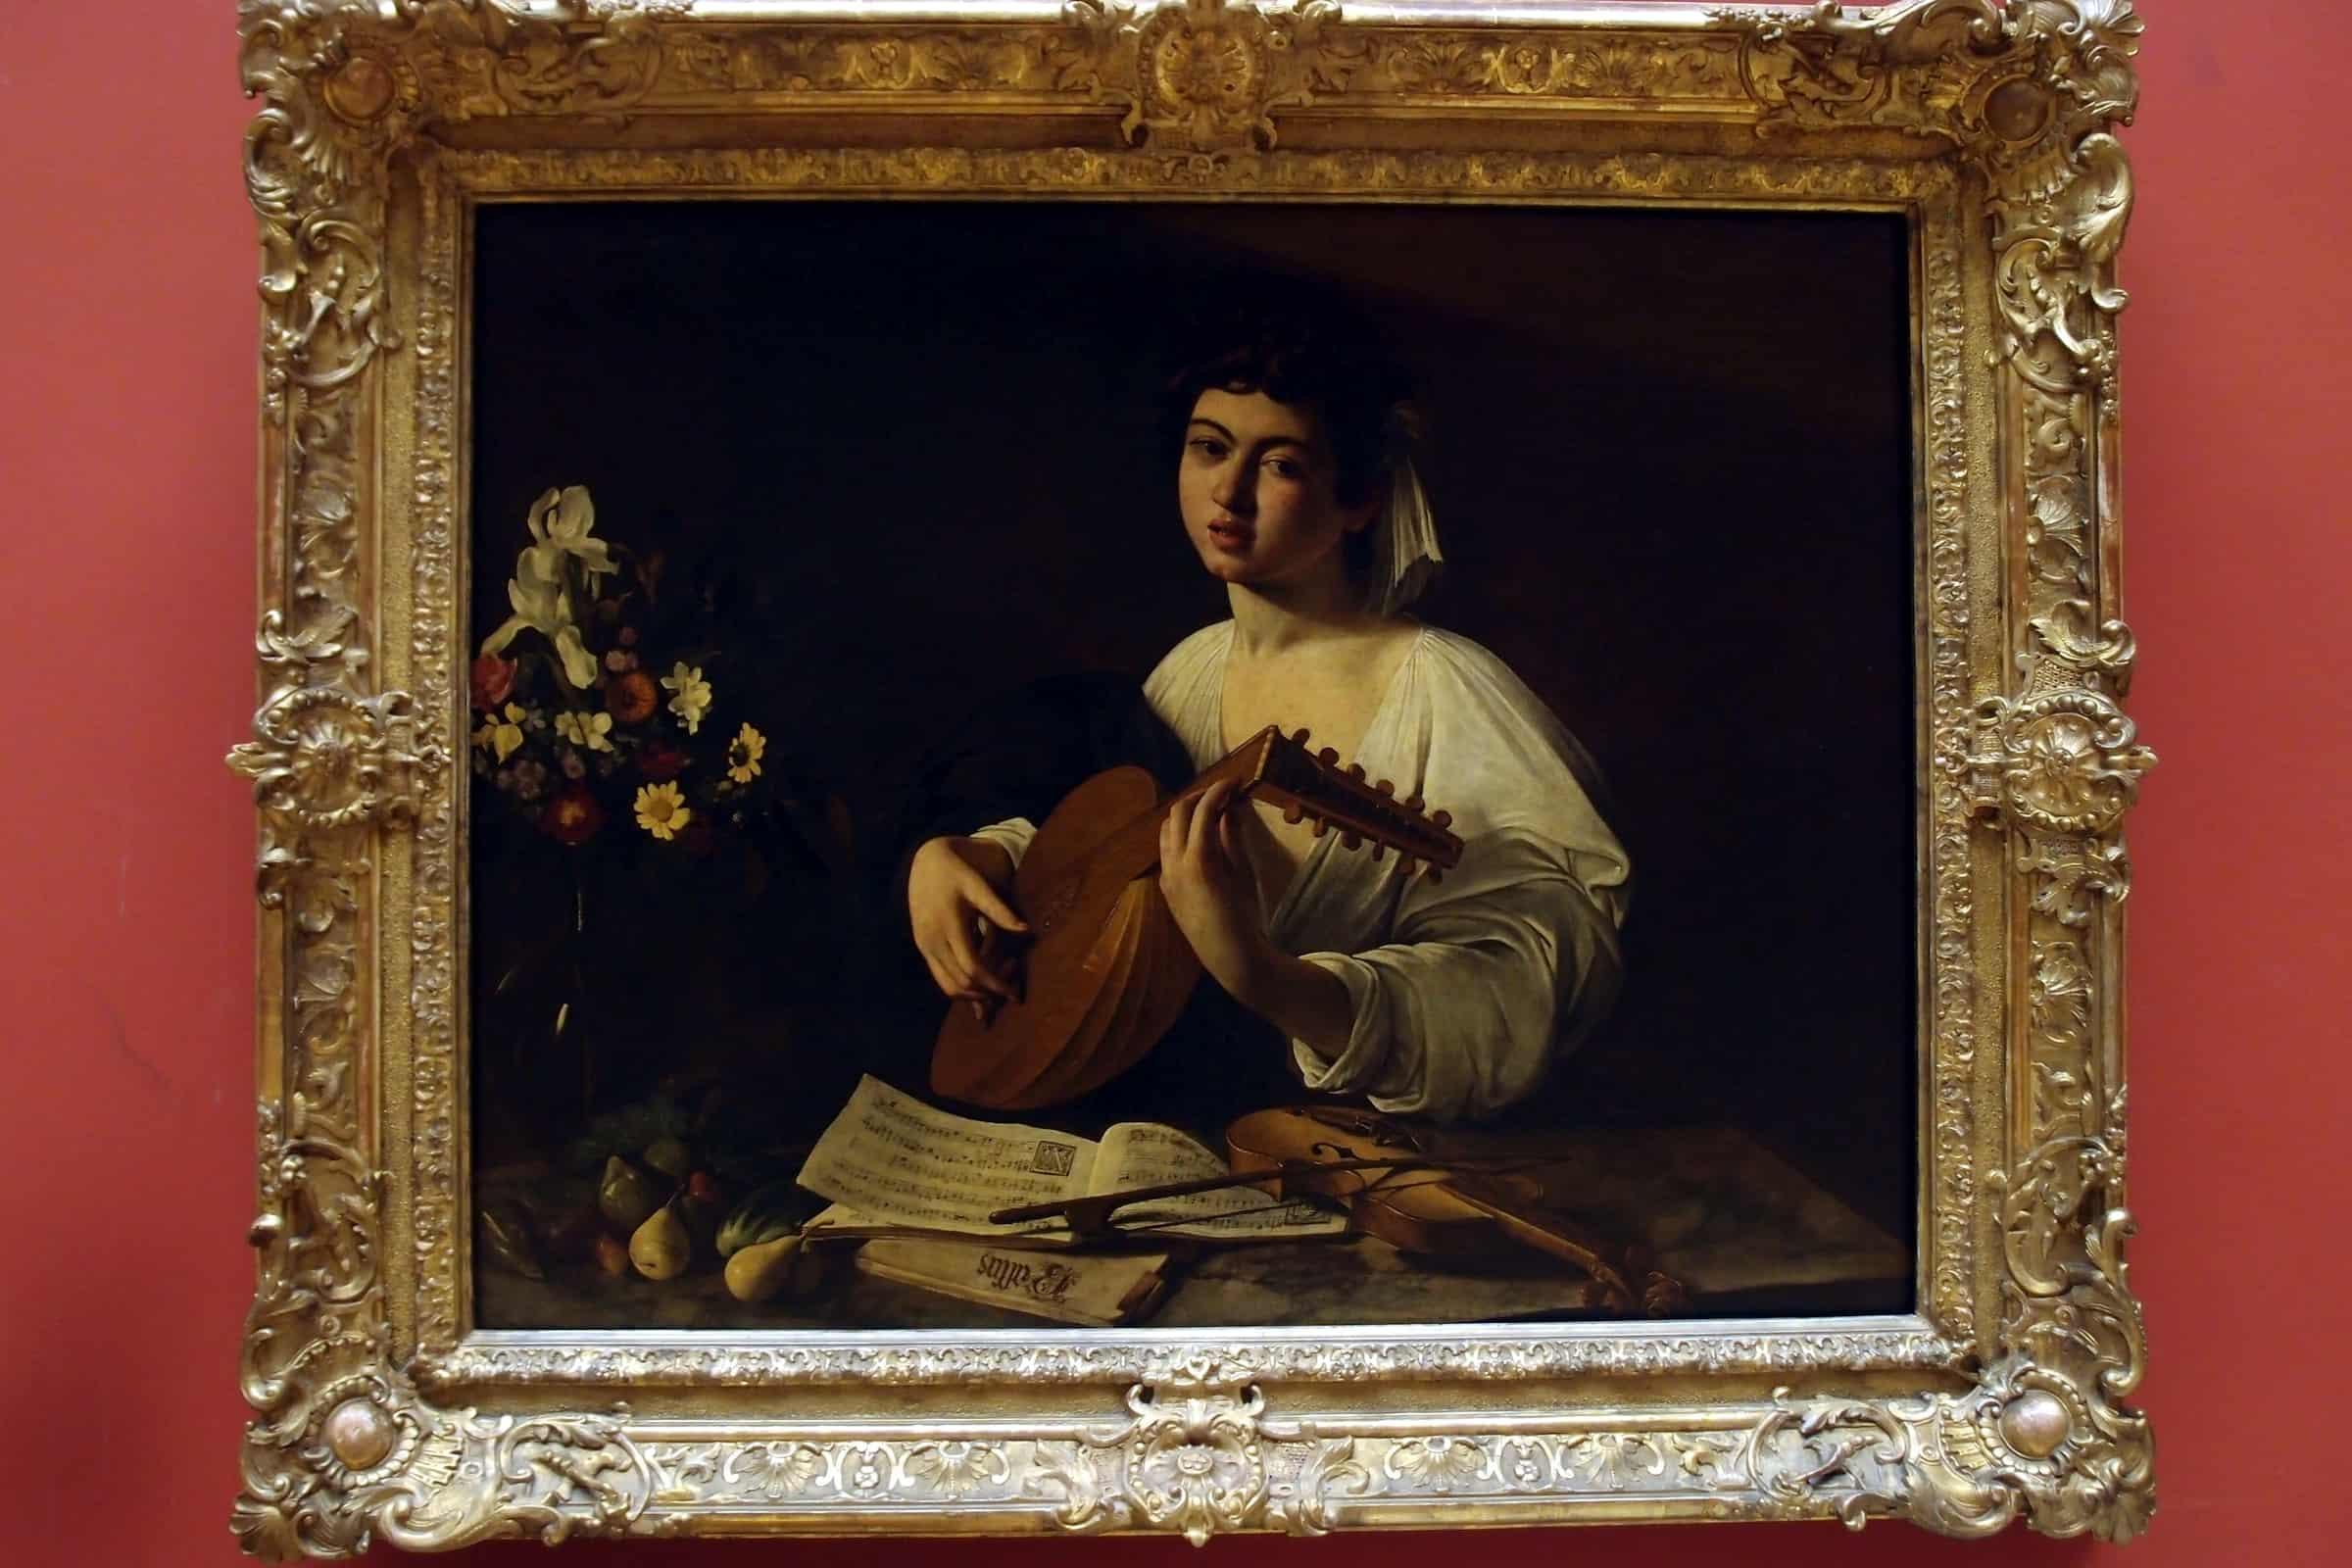 Caravaggio: The Lute Player